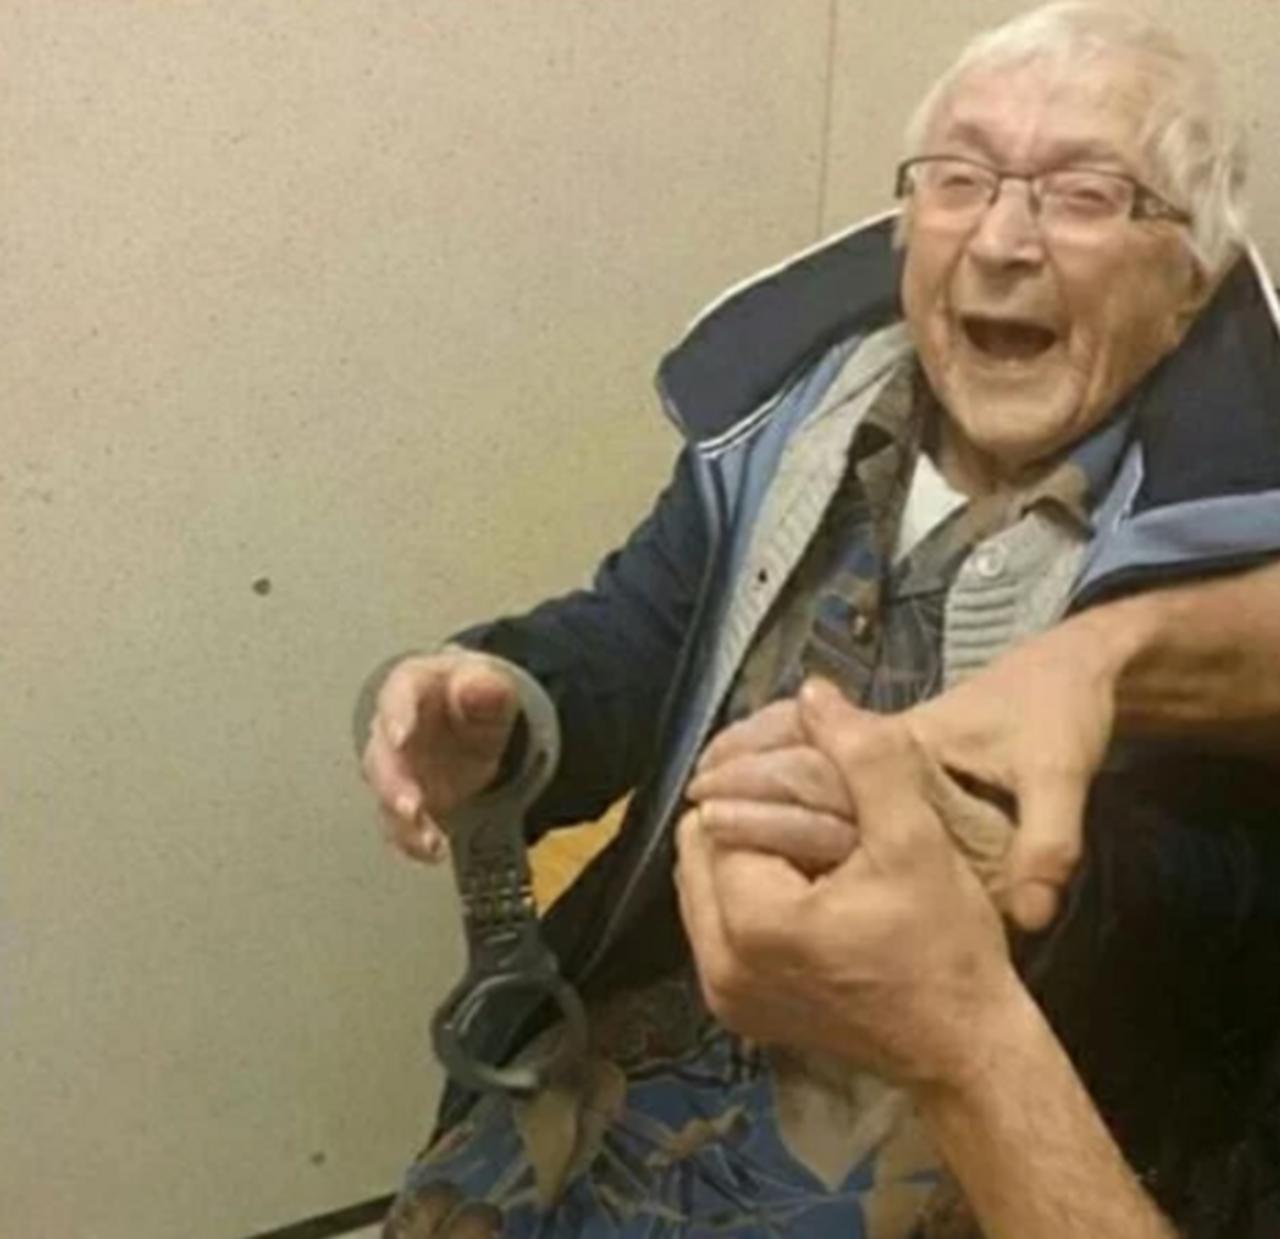 ВНидерландах арестовали 99-летнюю старушку, исполнив ее последнюю мечту